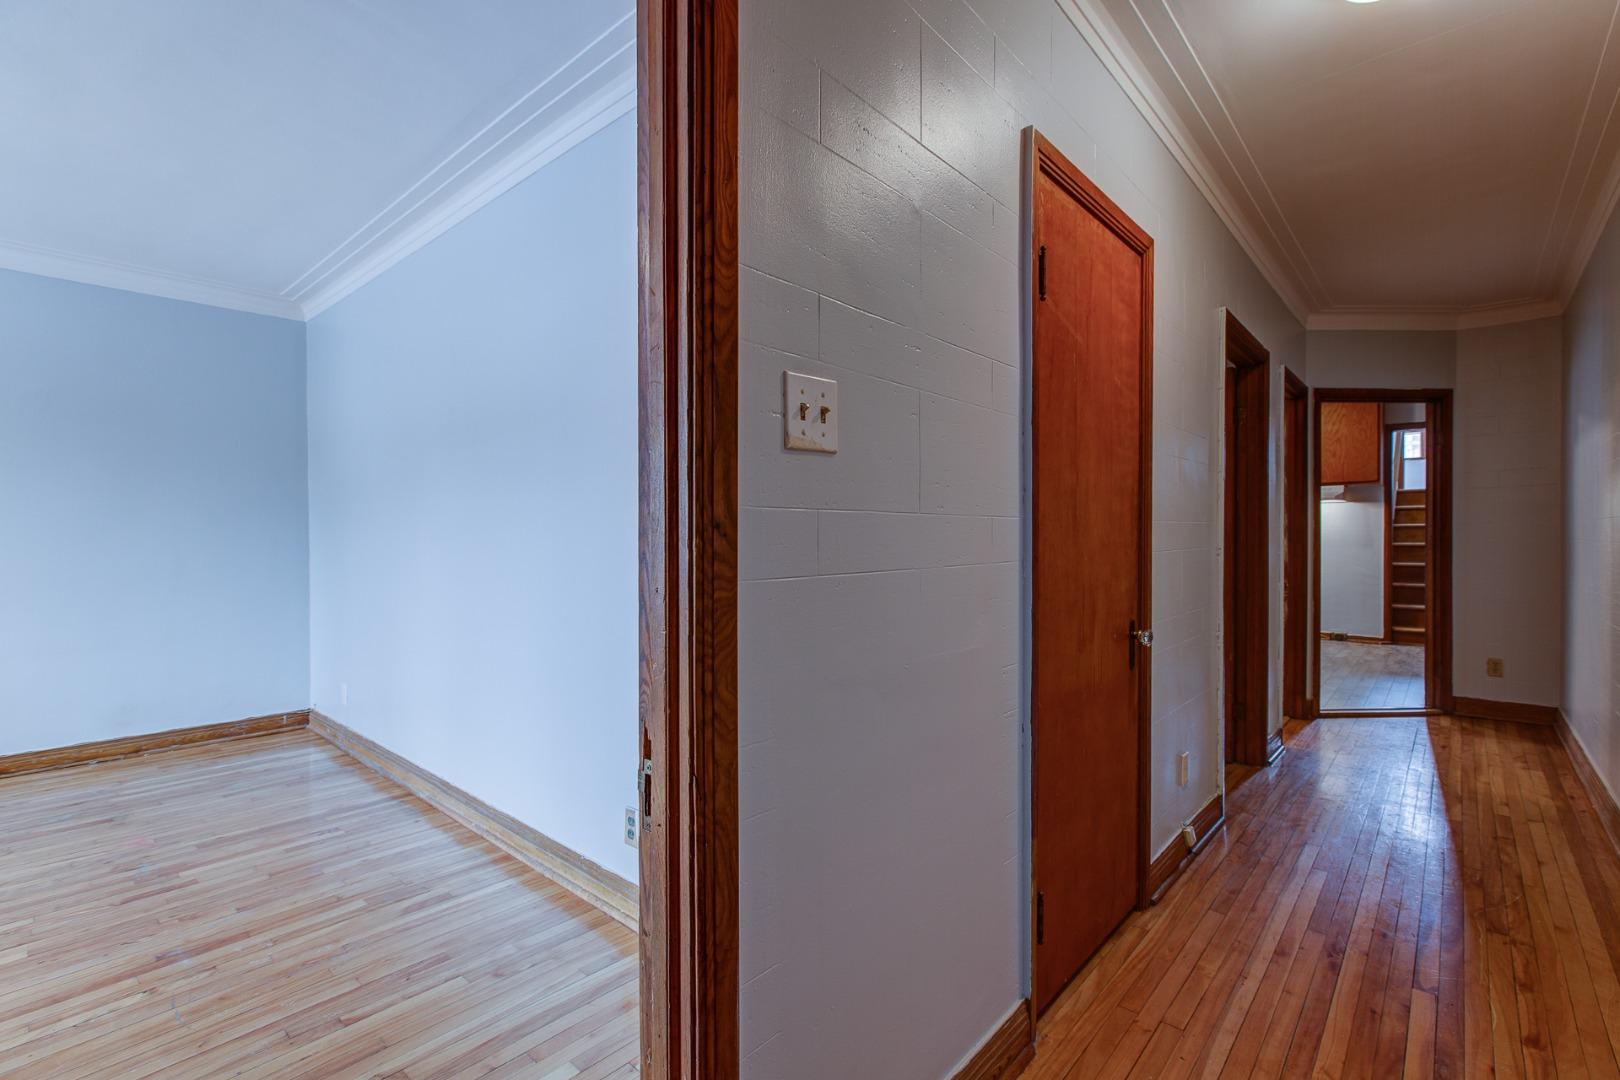 Duplex à vendre Montréal Mercier-Hochelaga-Maisonneuve - Corridor